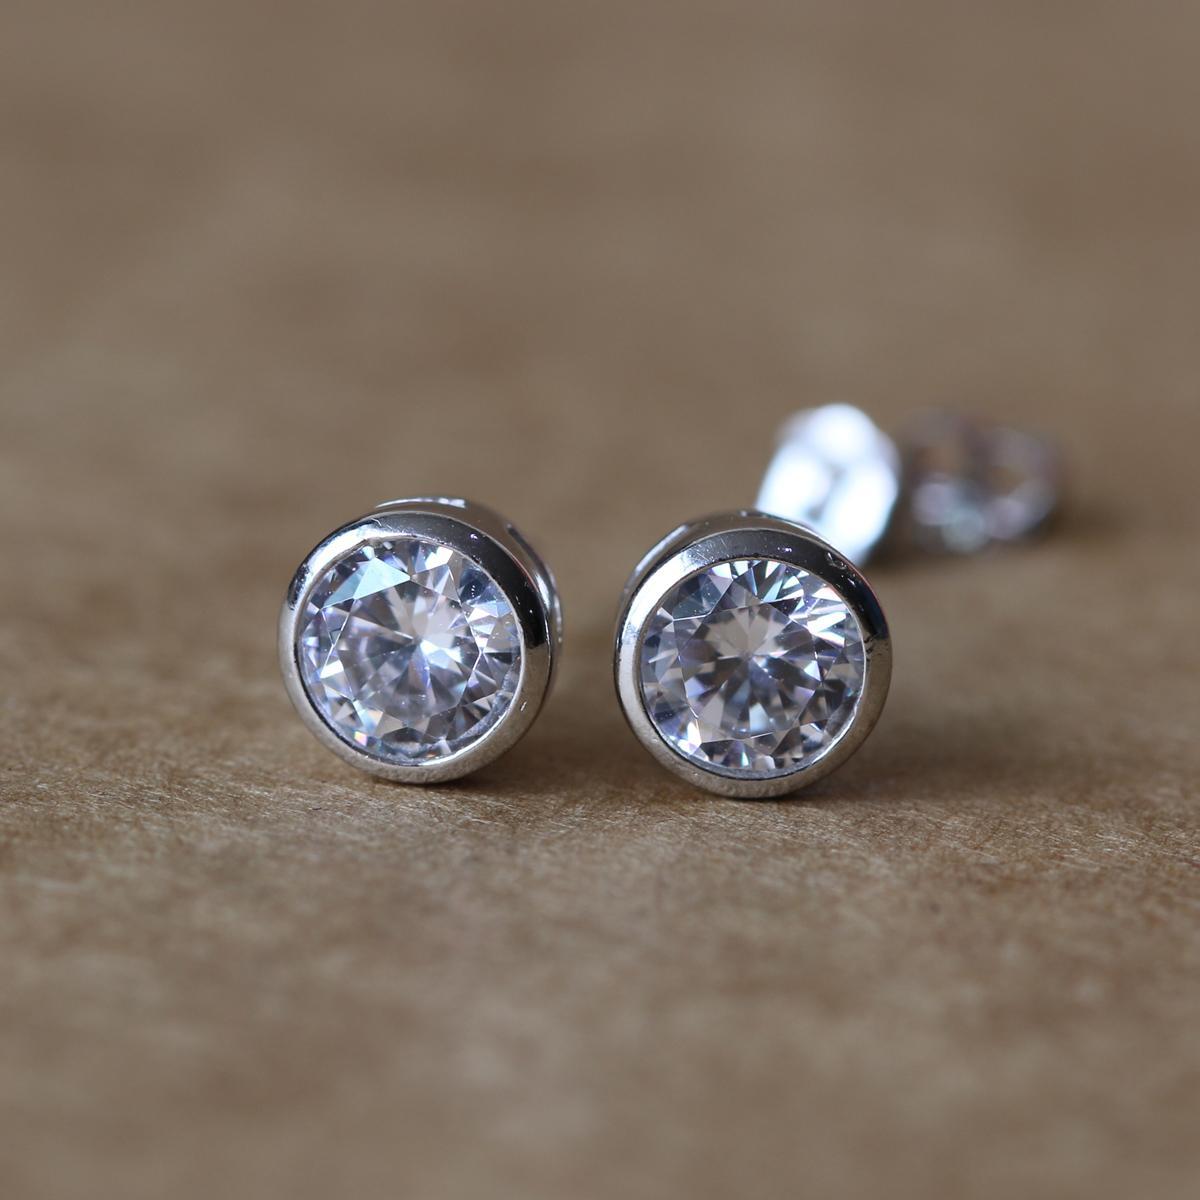 Mode-bling boucles d'oreilles Blanc Rond Couleur Mignon Boucles d'oreilles pour les femmes bijoux à la mode cadeau d'anniversaire en gros Fine Jewelry